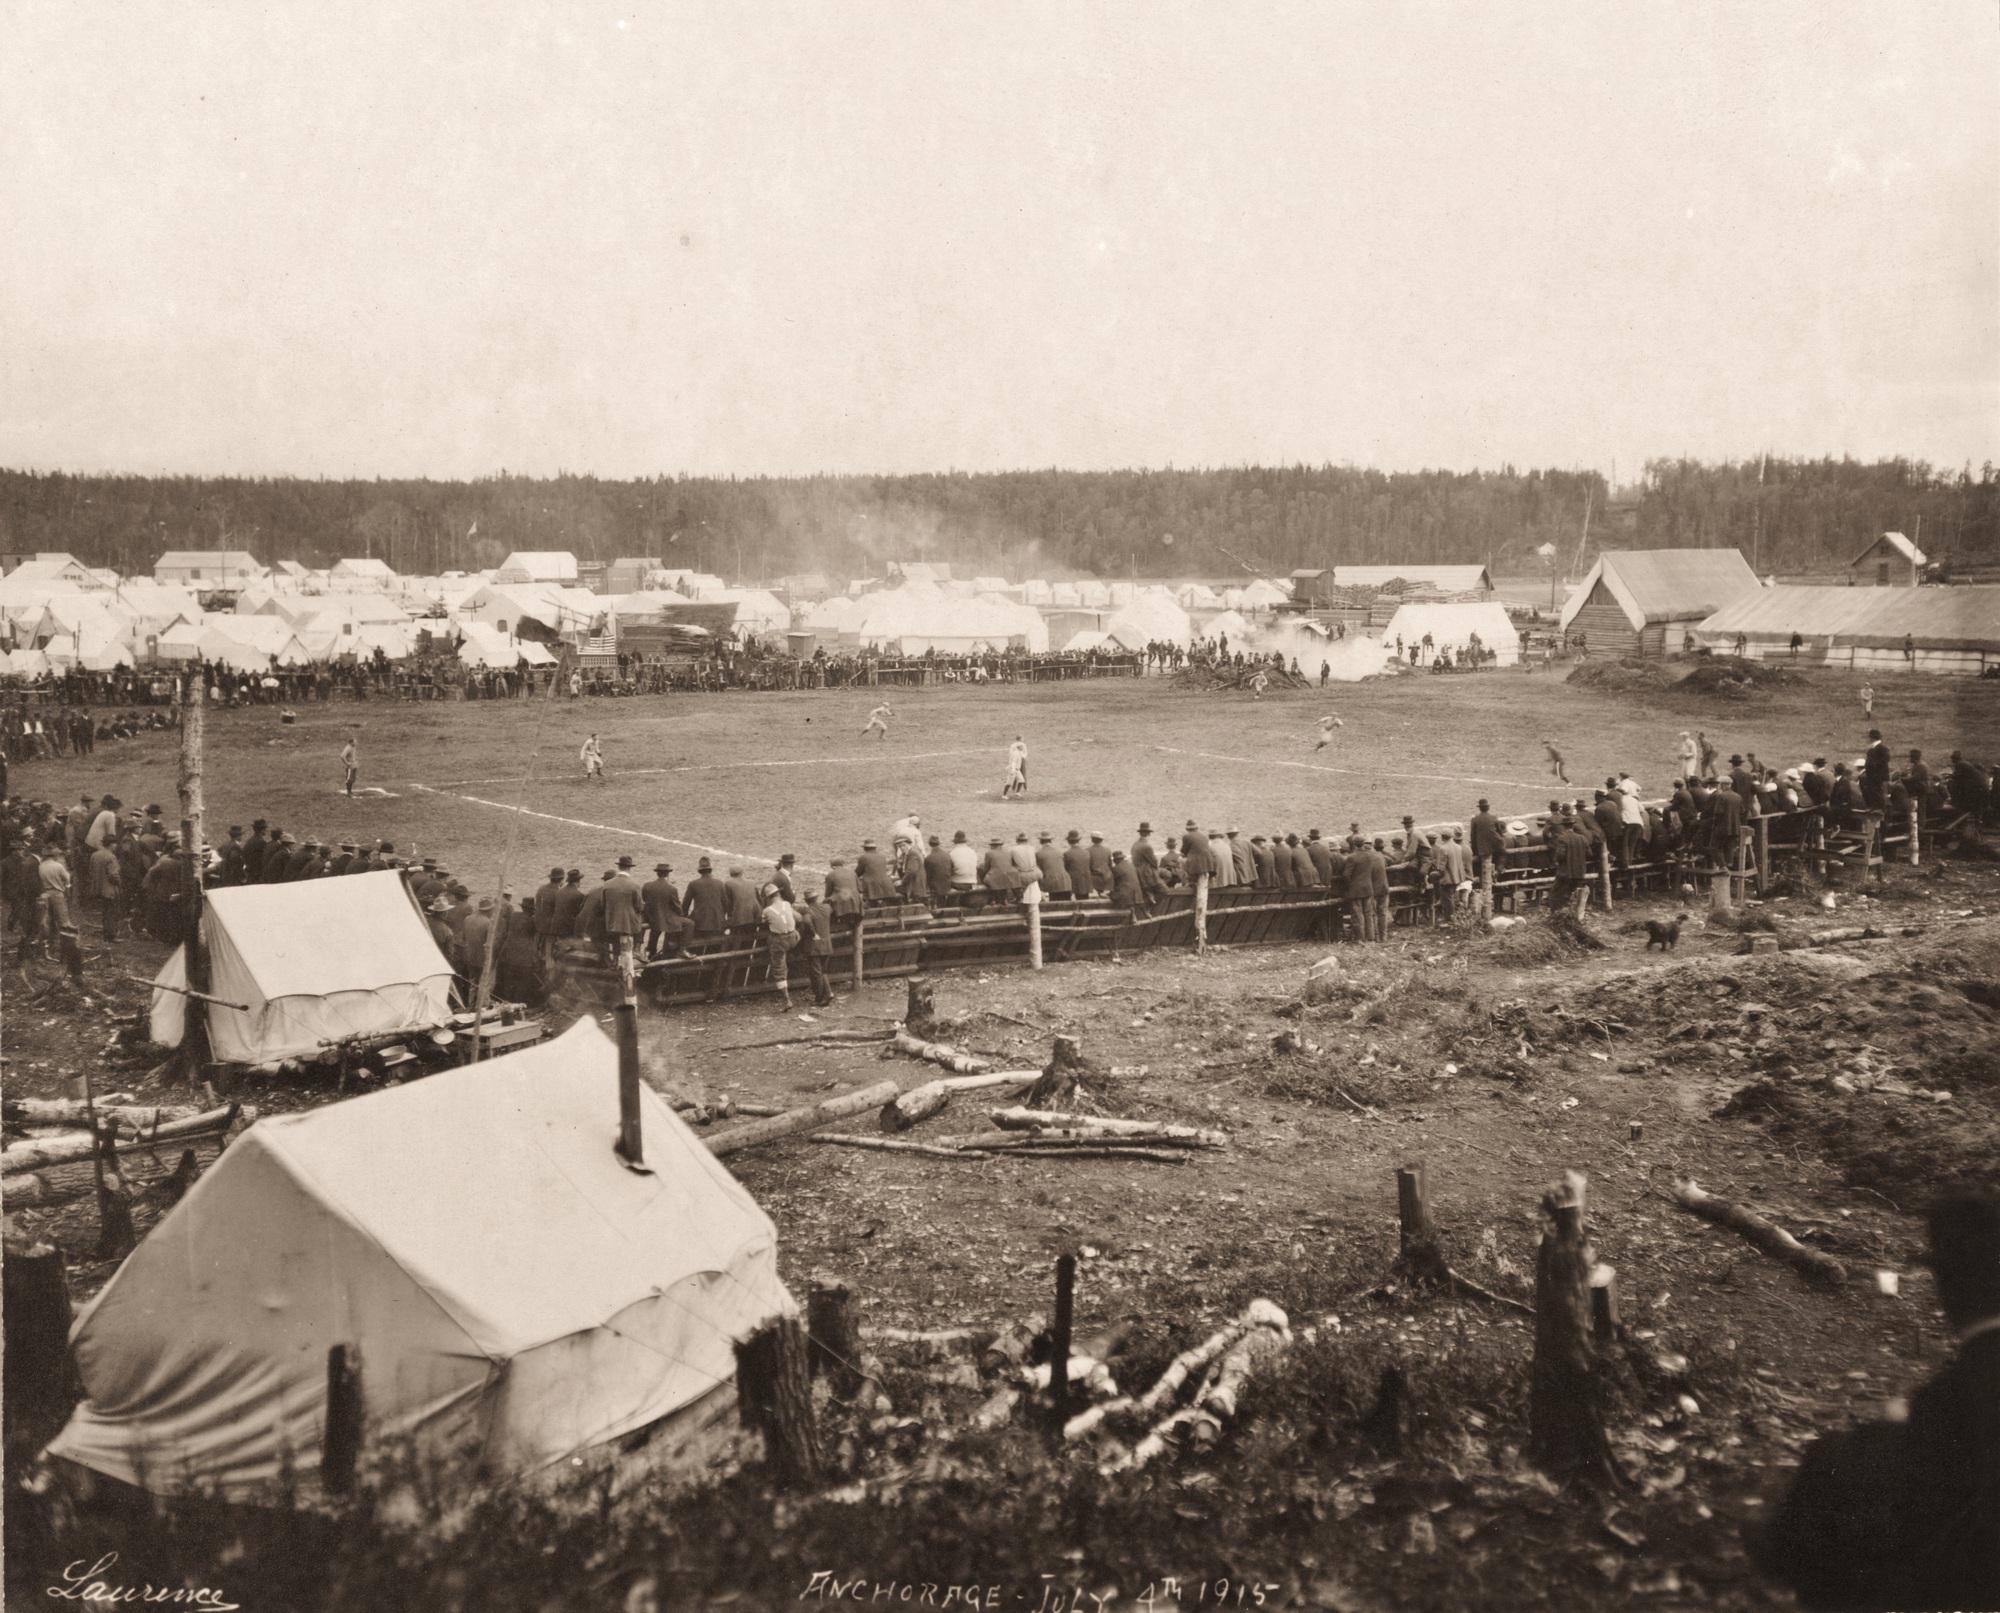 1915. Anchorage, Alaszka. Baseball mérkőzés..jpg